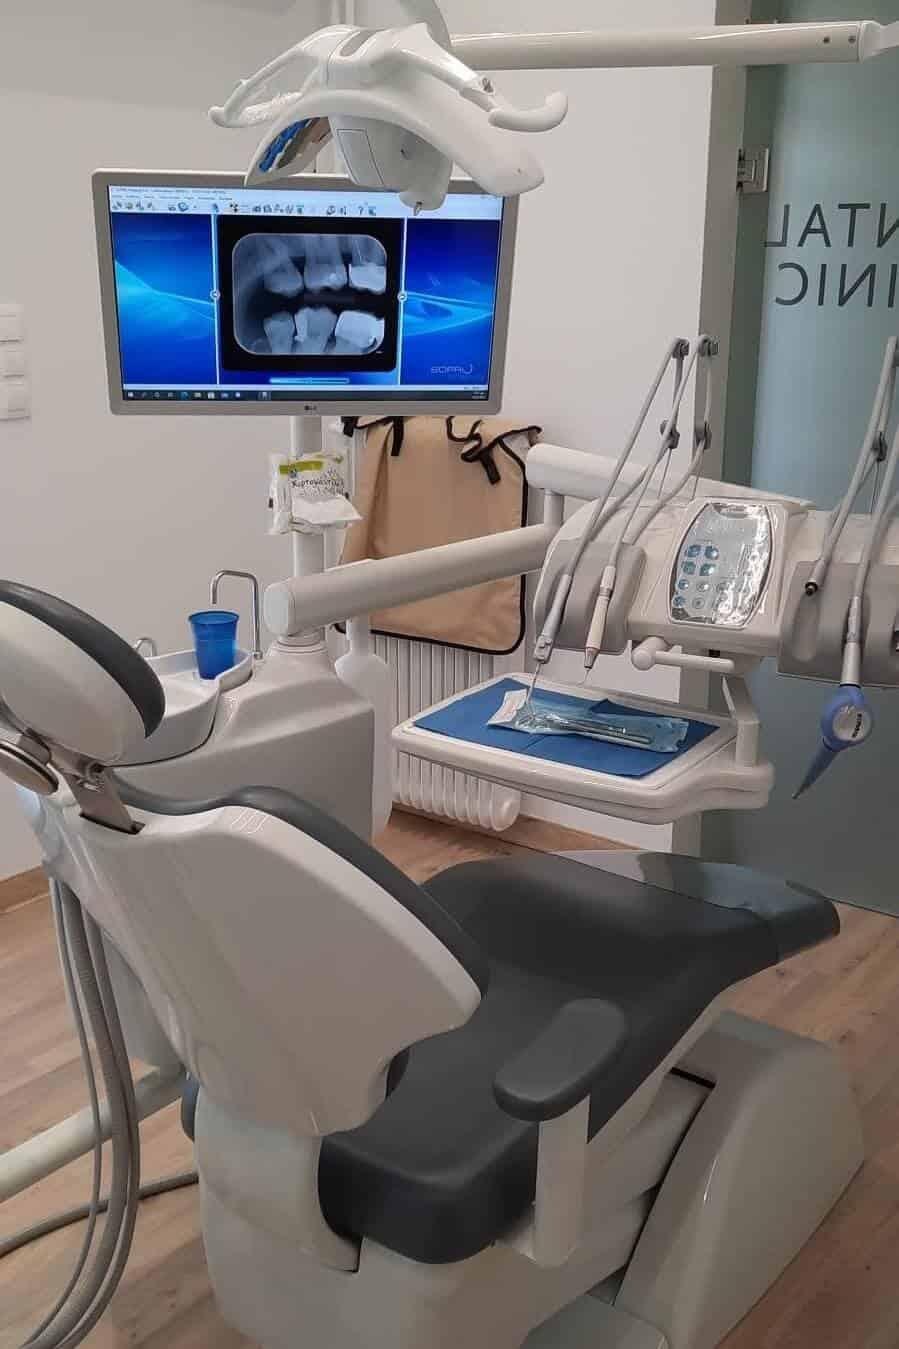 οδοντιατρική καρέκλα σε οδοντιατρείο γλυφάδα